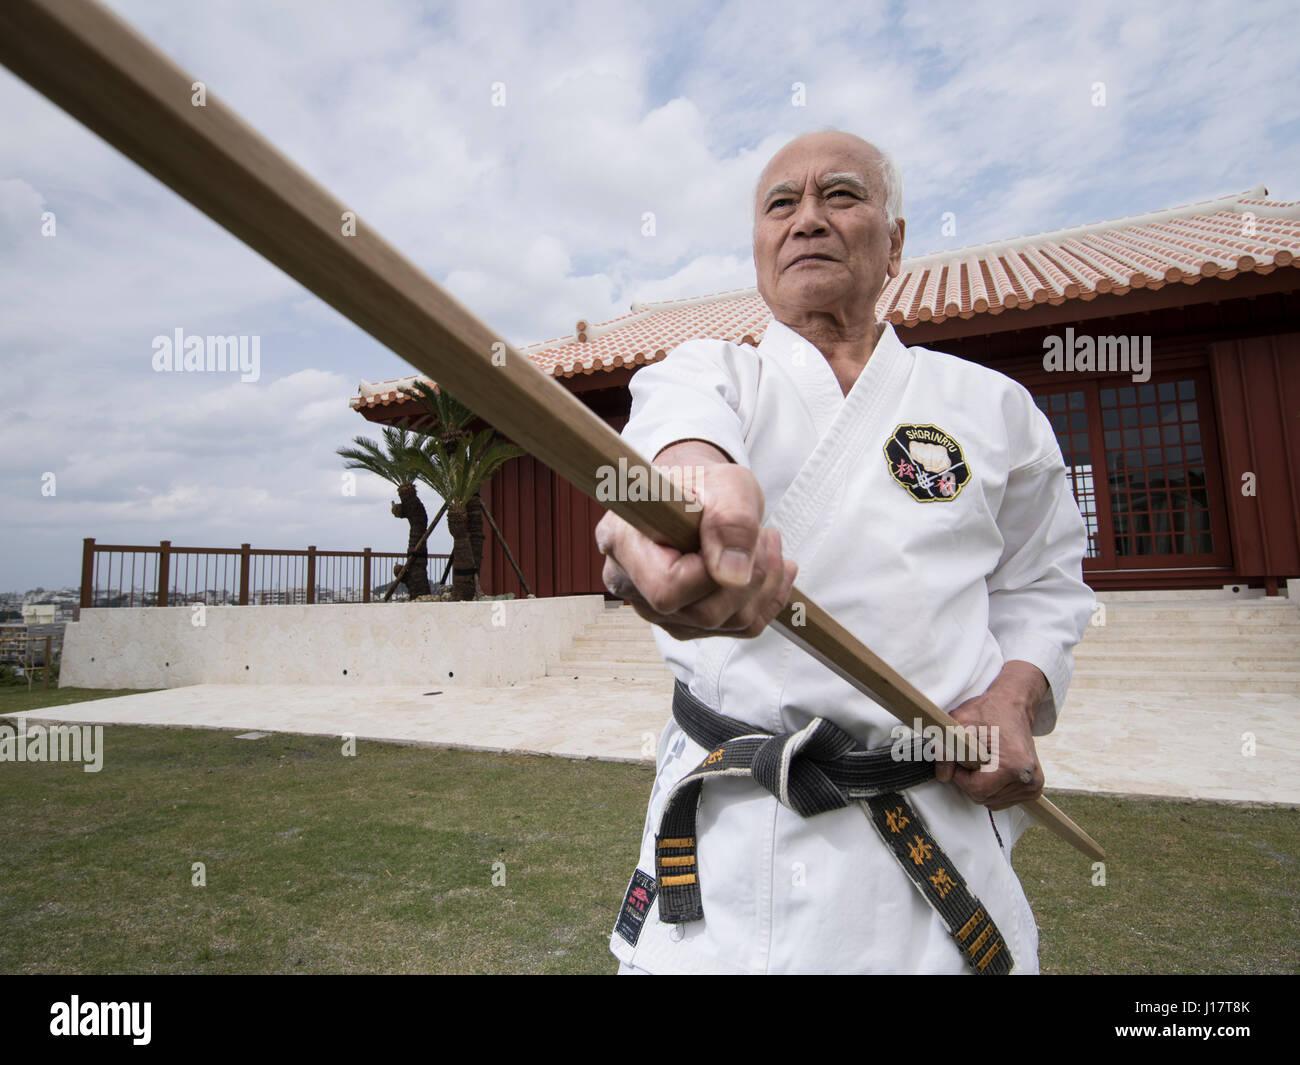 Maestro de karate Sensei Arakaki en los 100 eventos en karate y kobudo Kata Kaikan, Okinawa, Japón Imagen De Stock